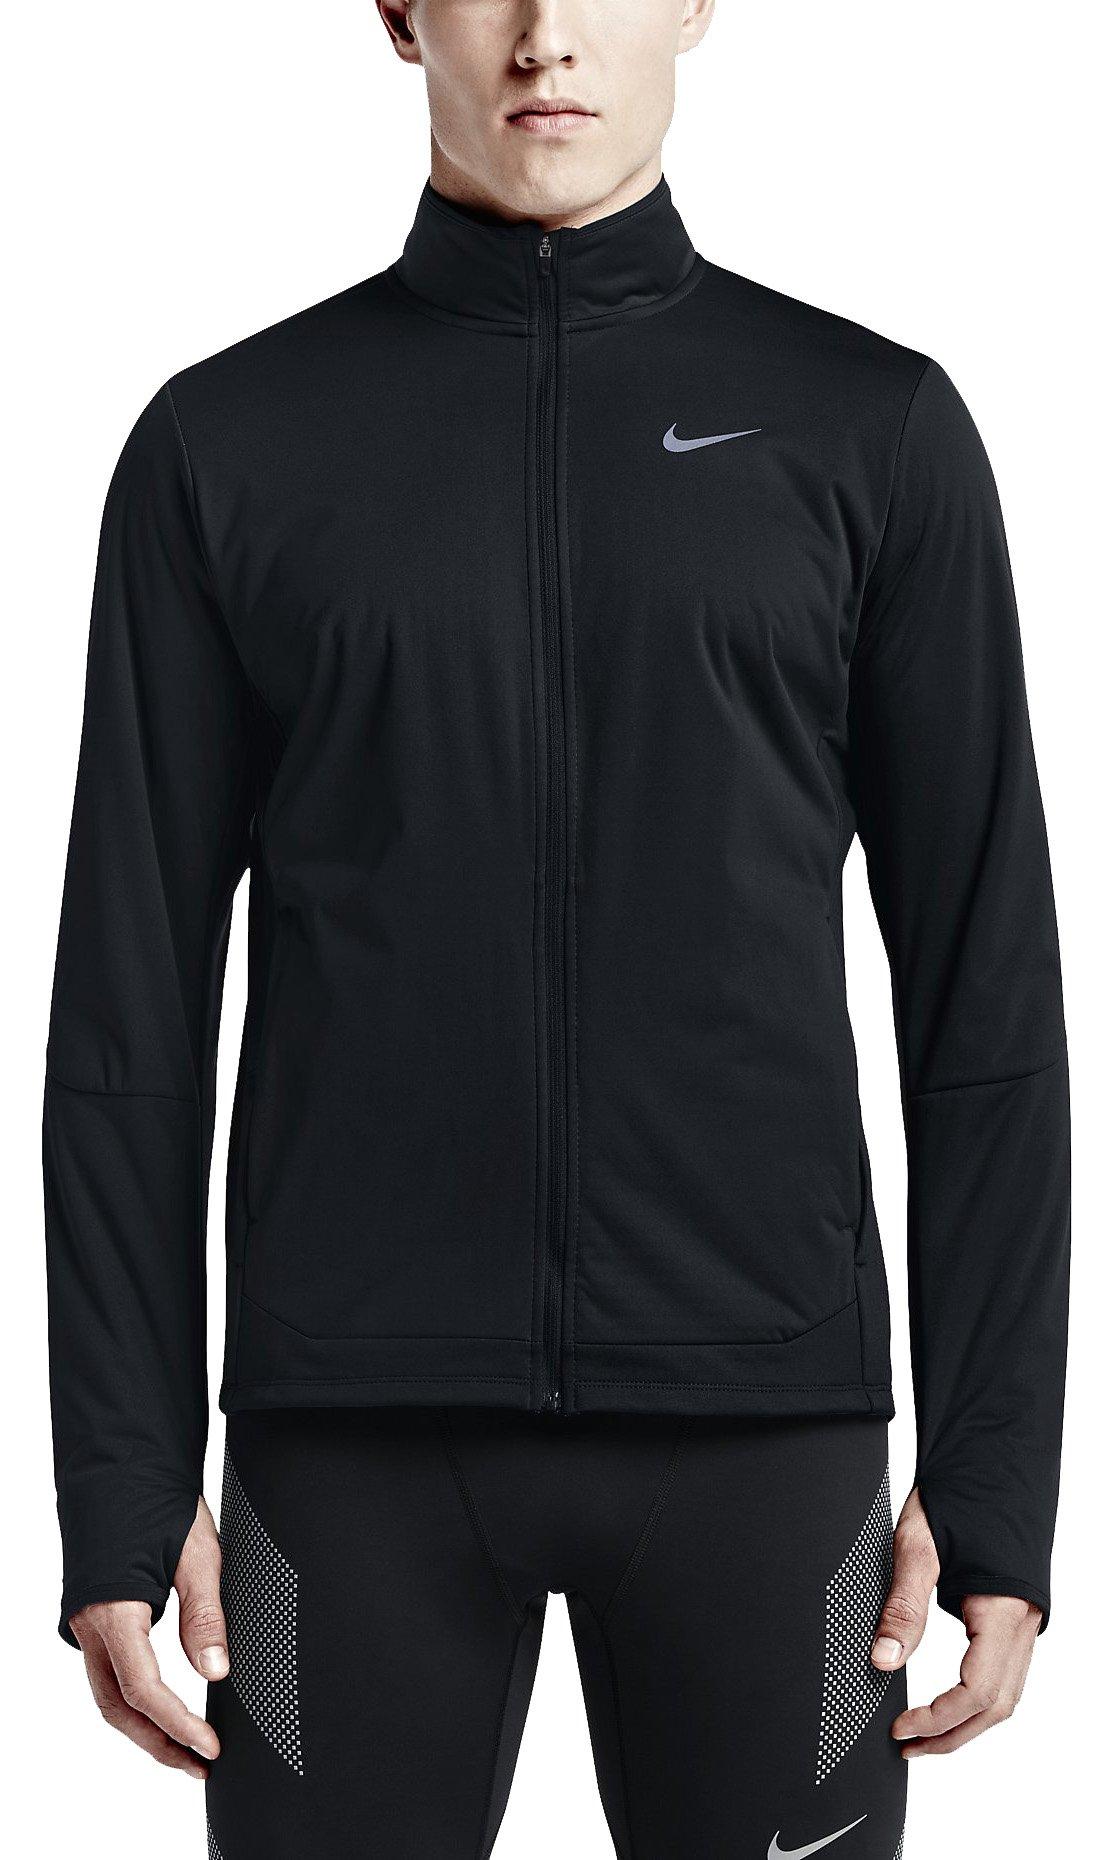 Běžecká bunda Nike Shield 2.0 FZ